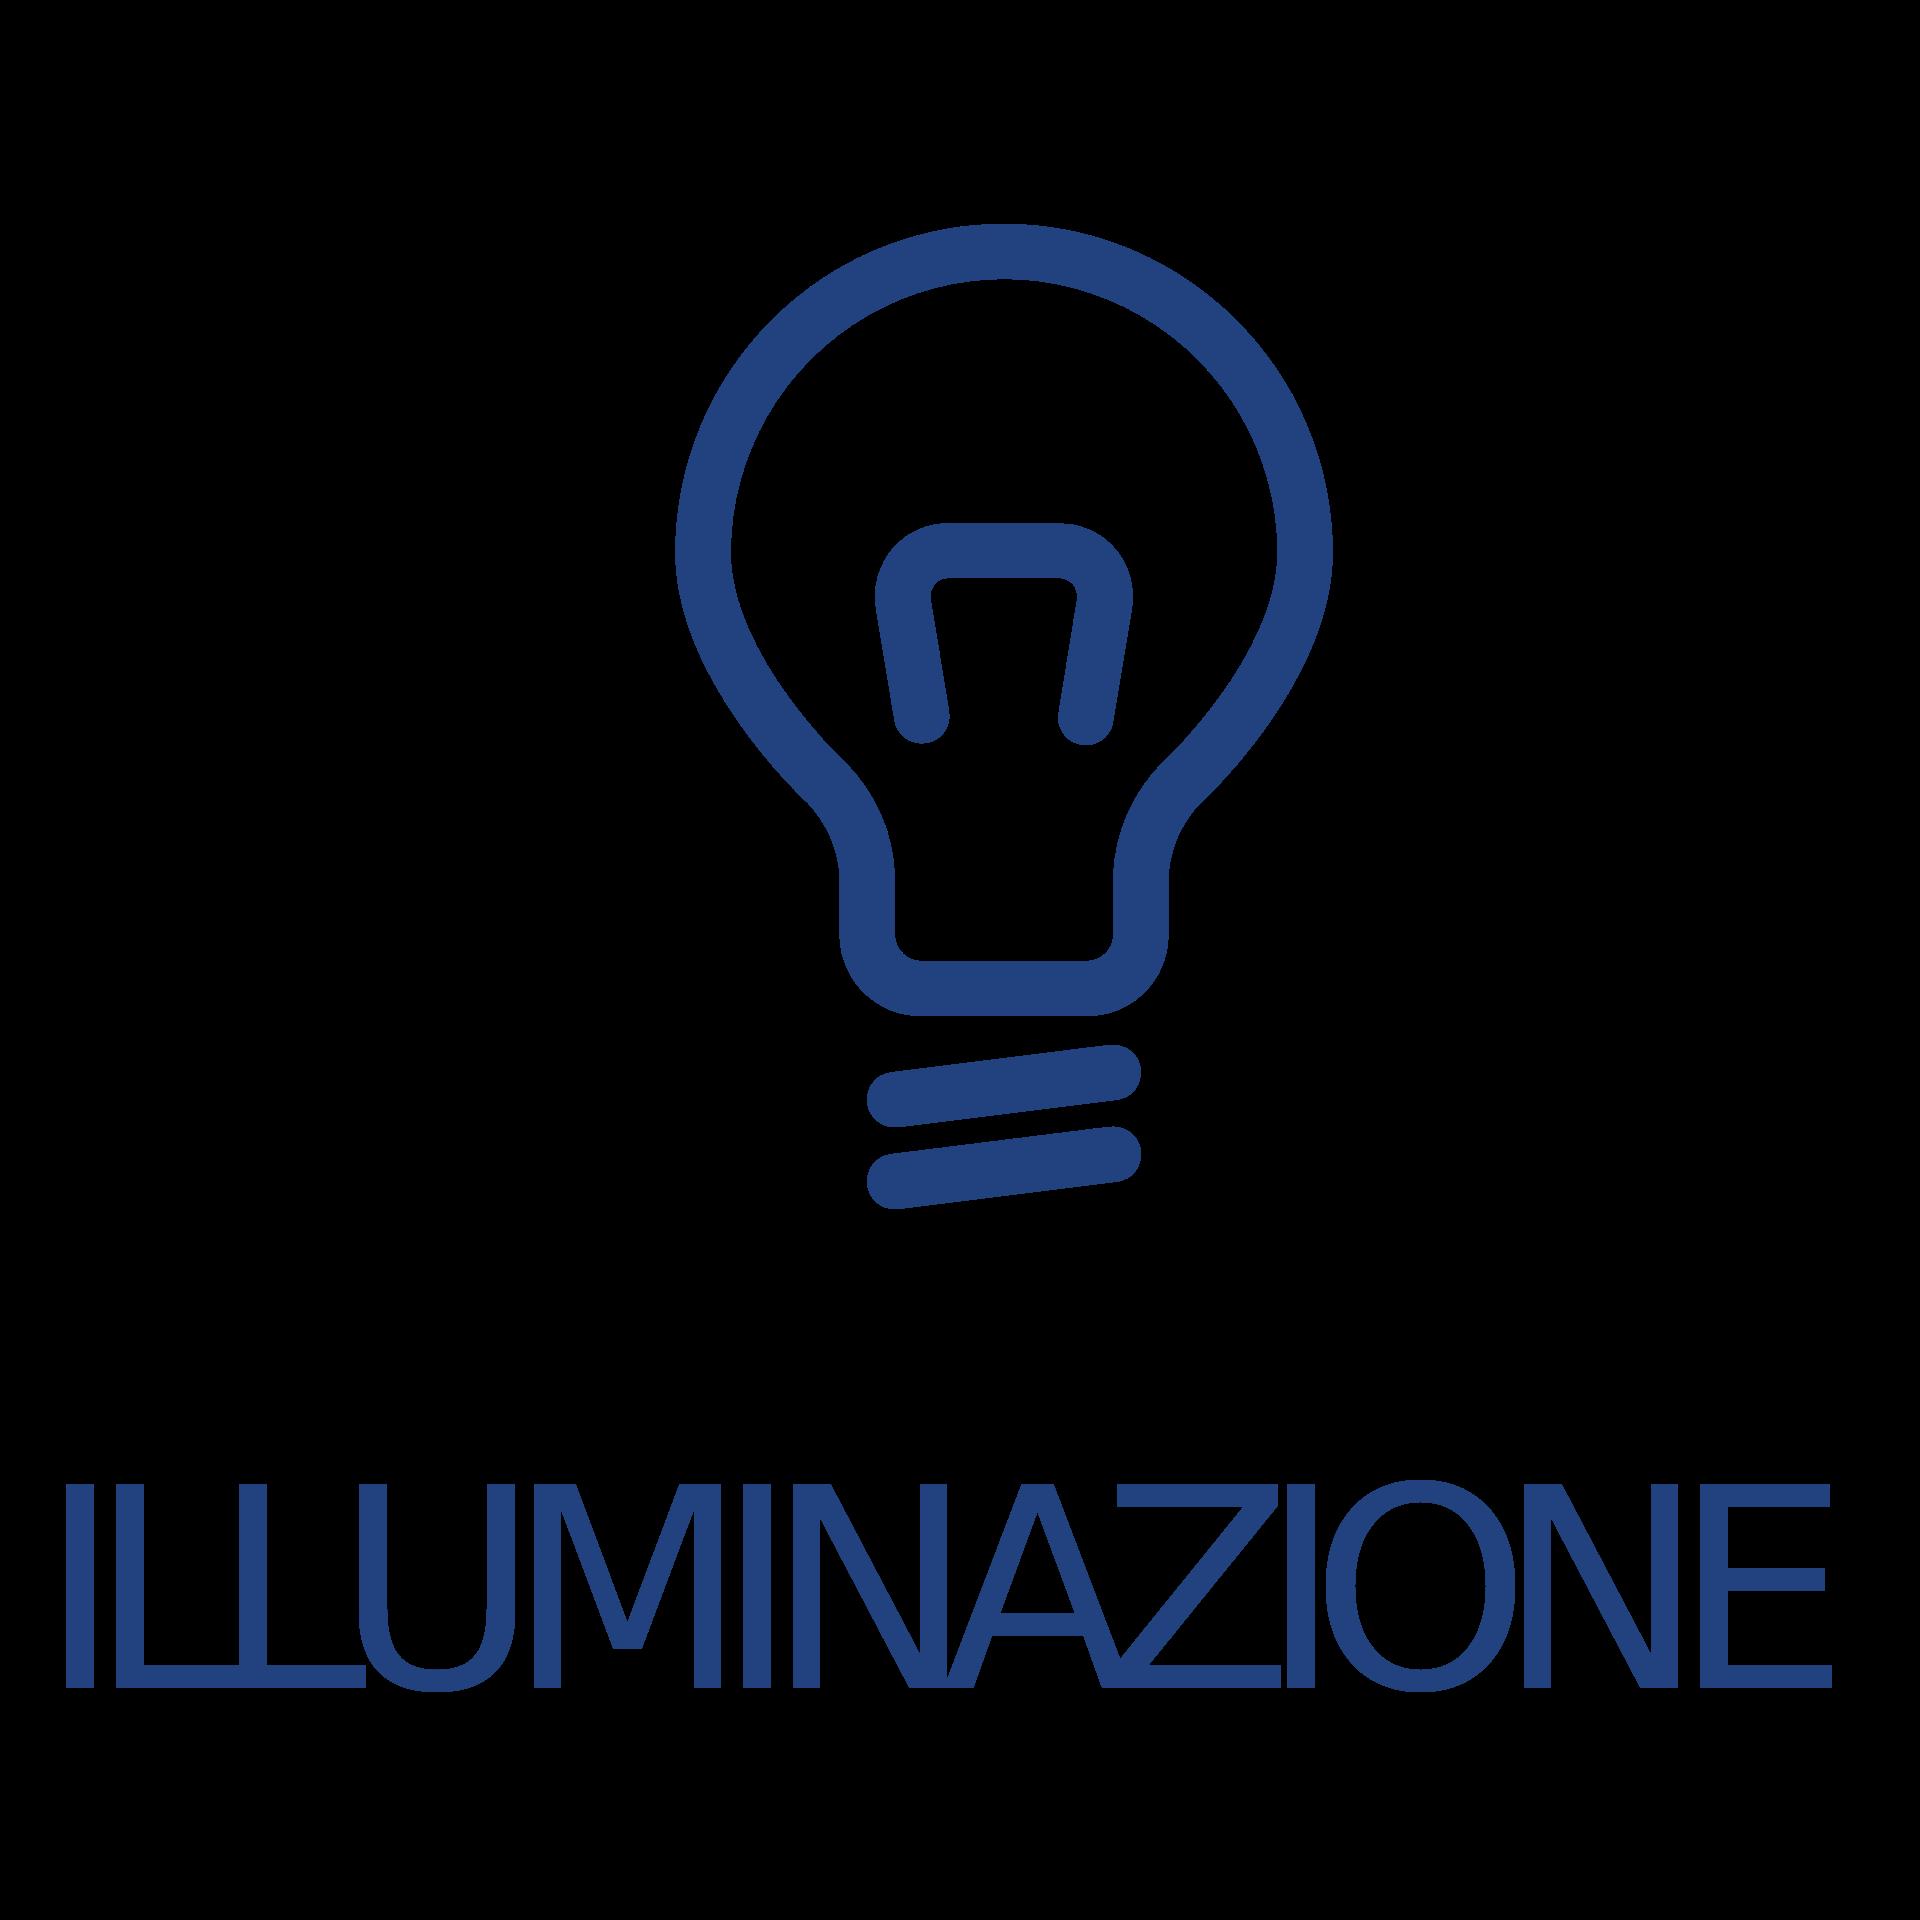 ILLUMINAIZONE